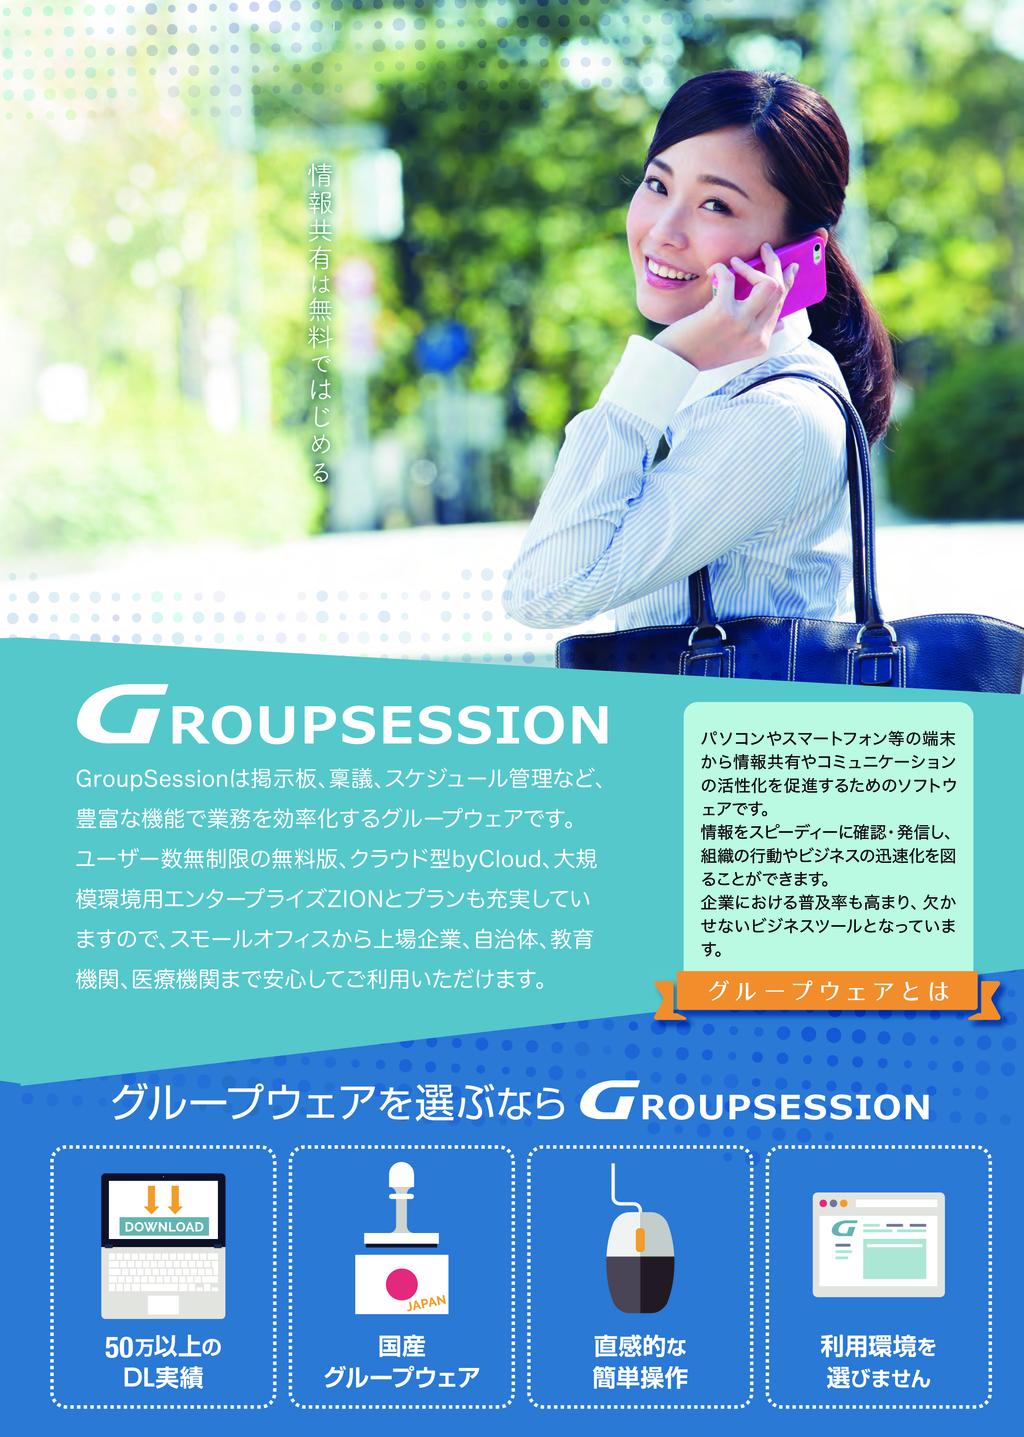 クラウド型グループウェア GroupSession byCloudの資料